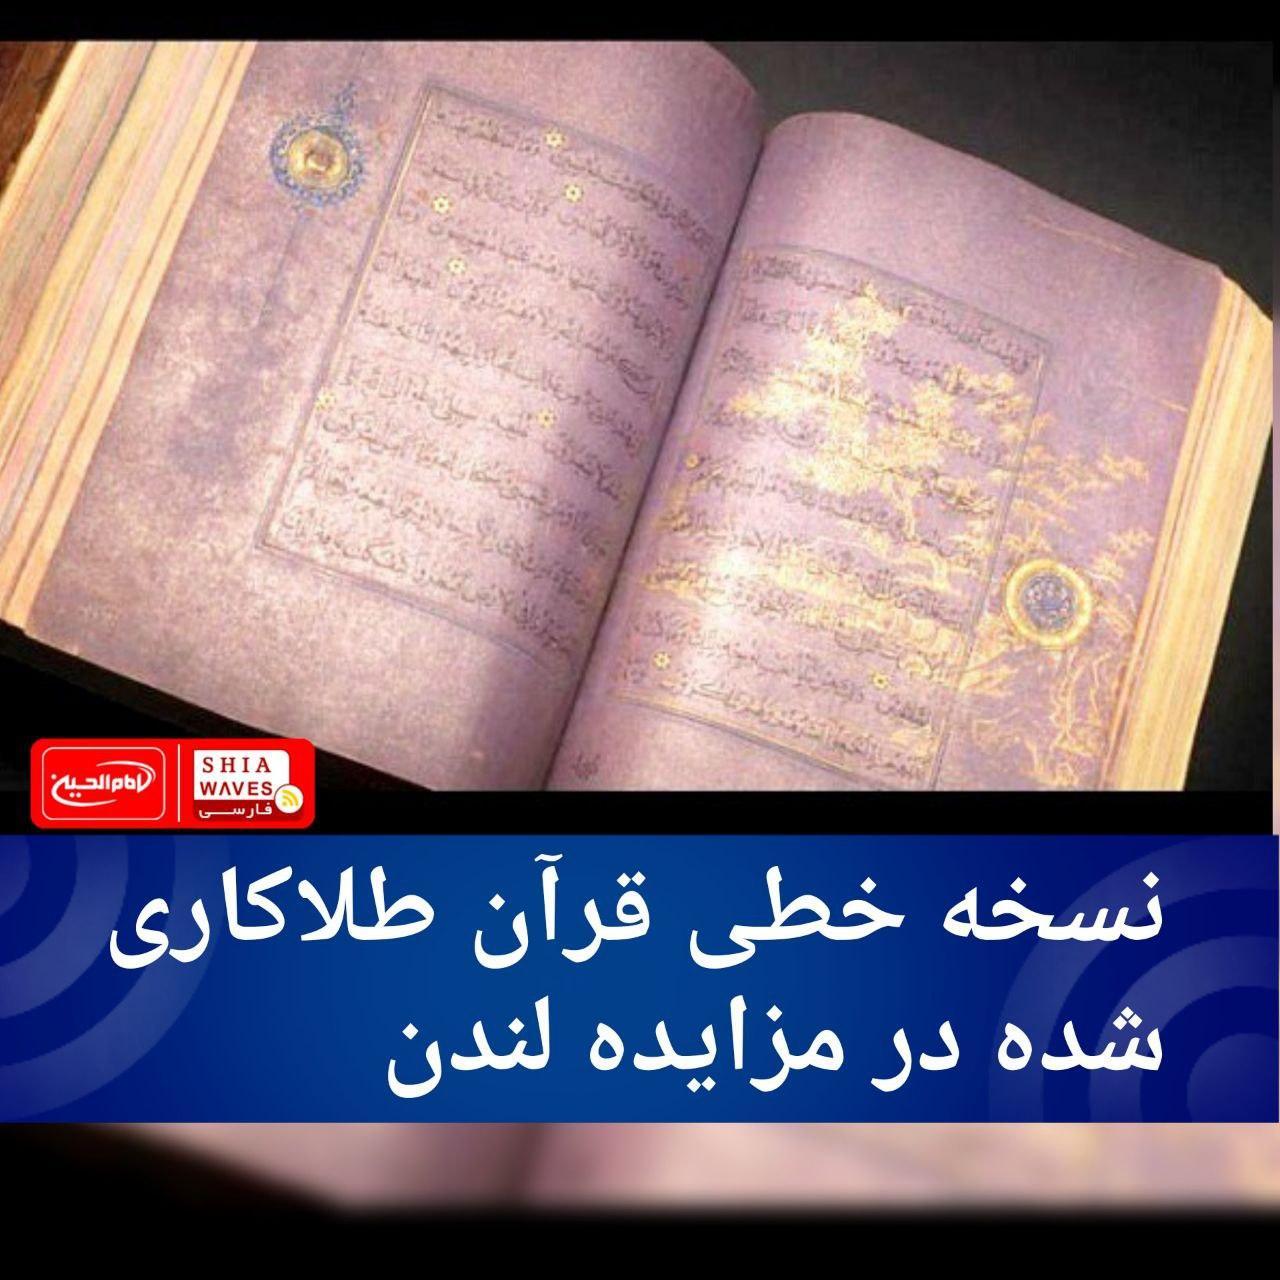 تصویر نسخه خطی قرآن طلاکاری شده در مزایده لندن